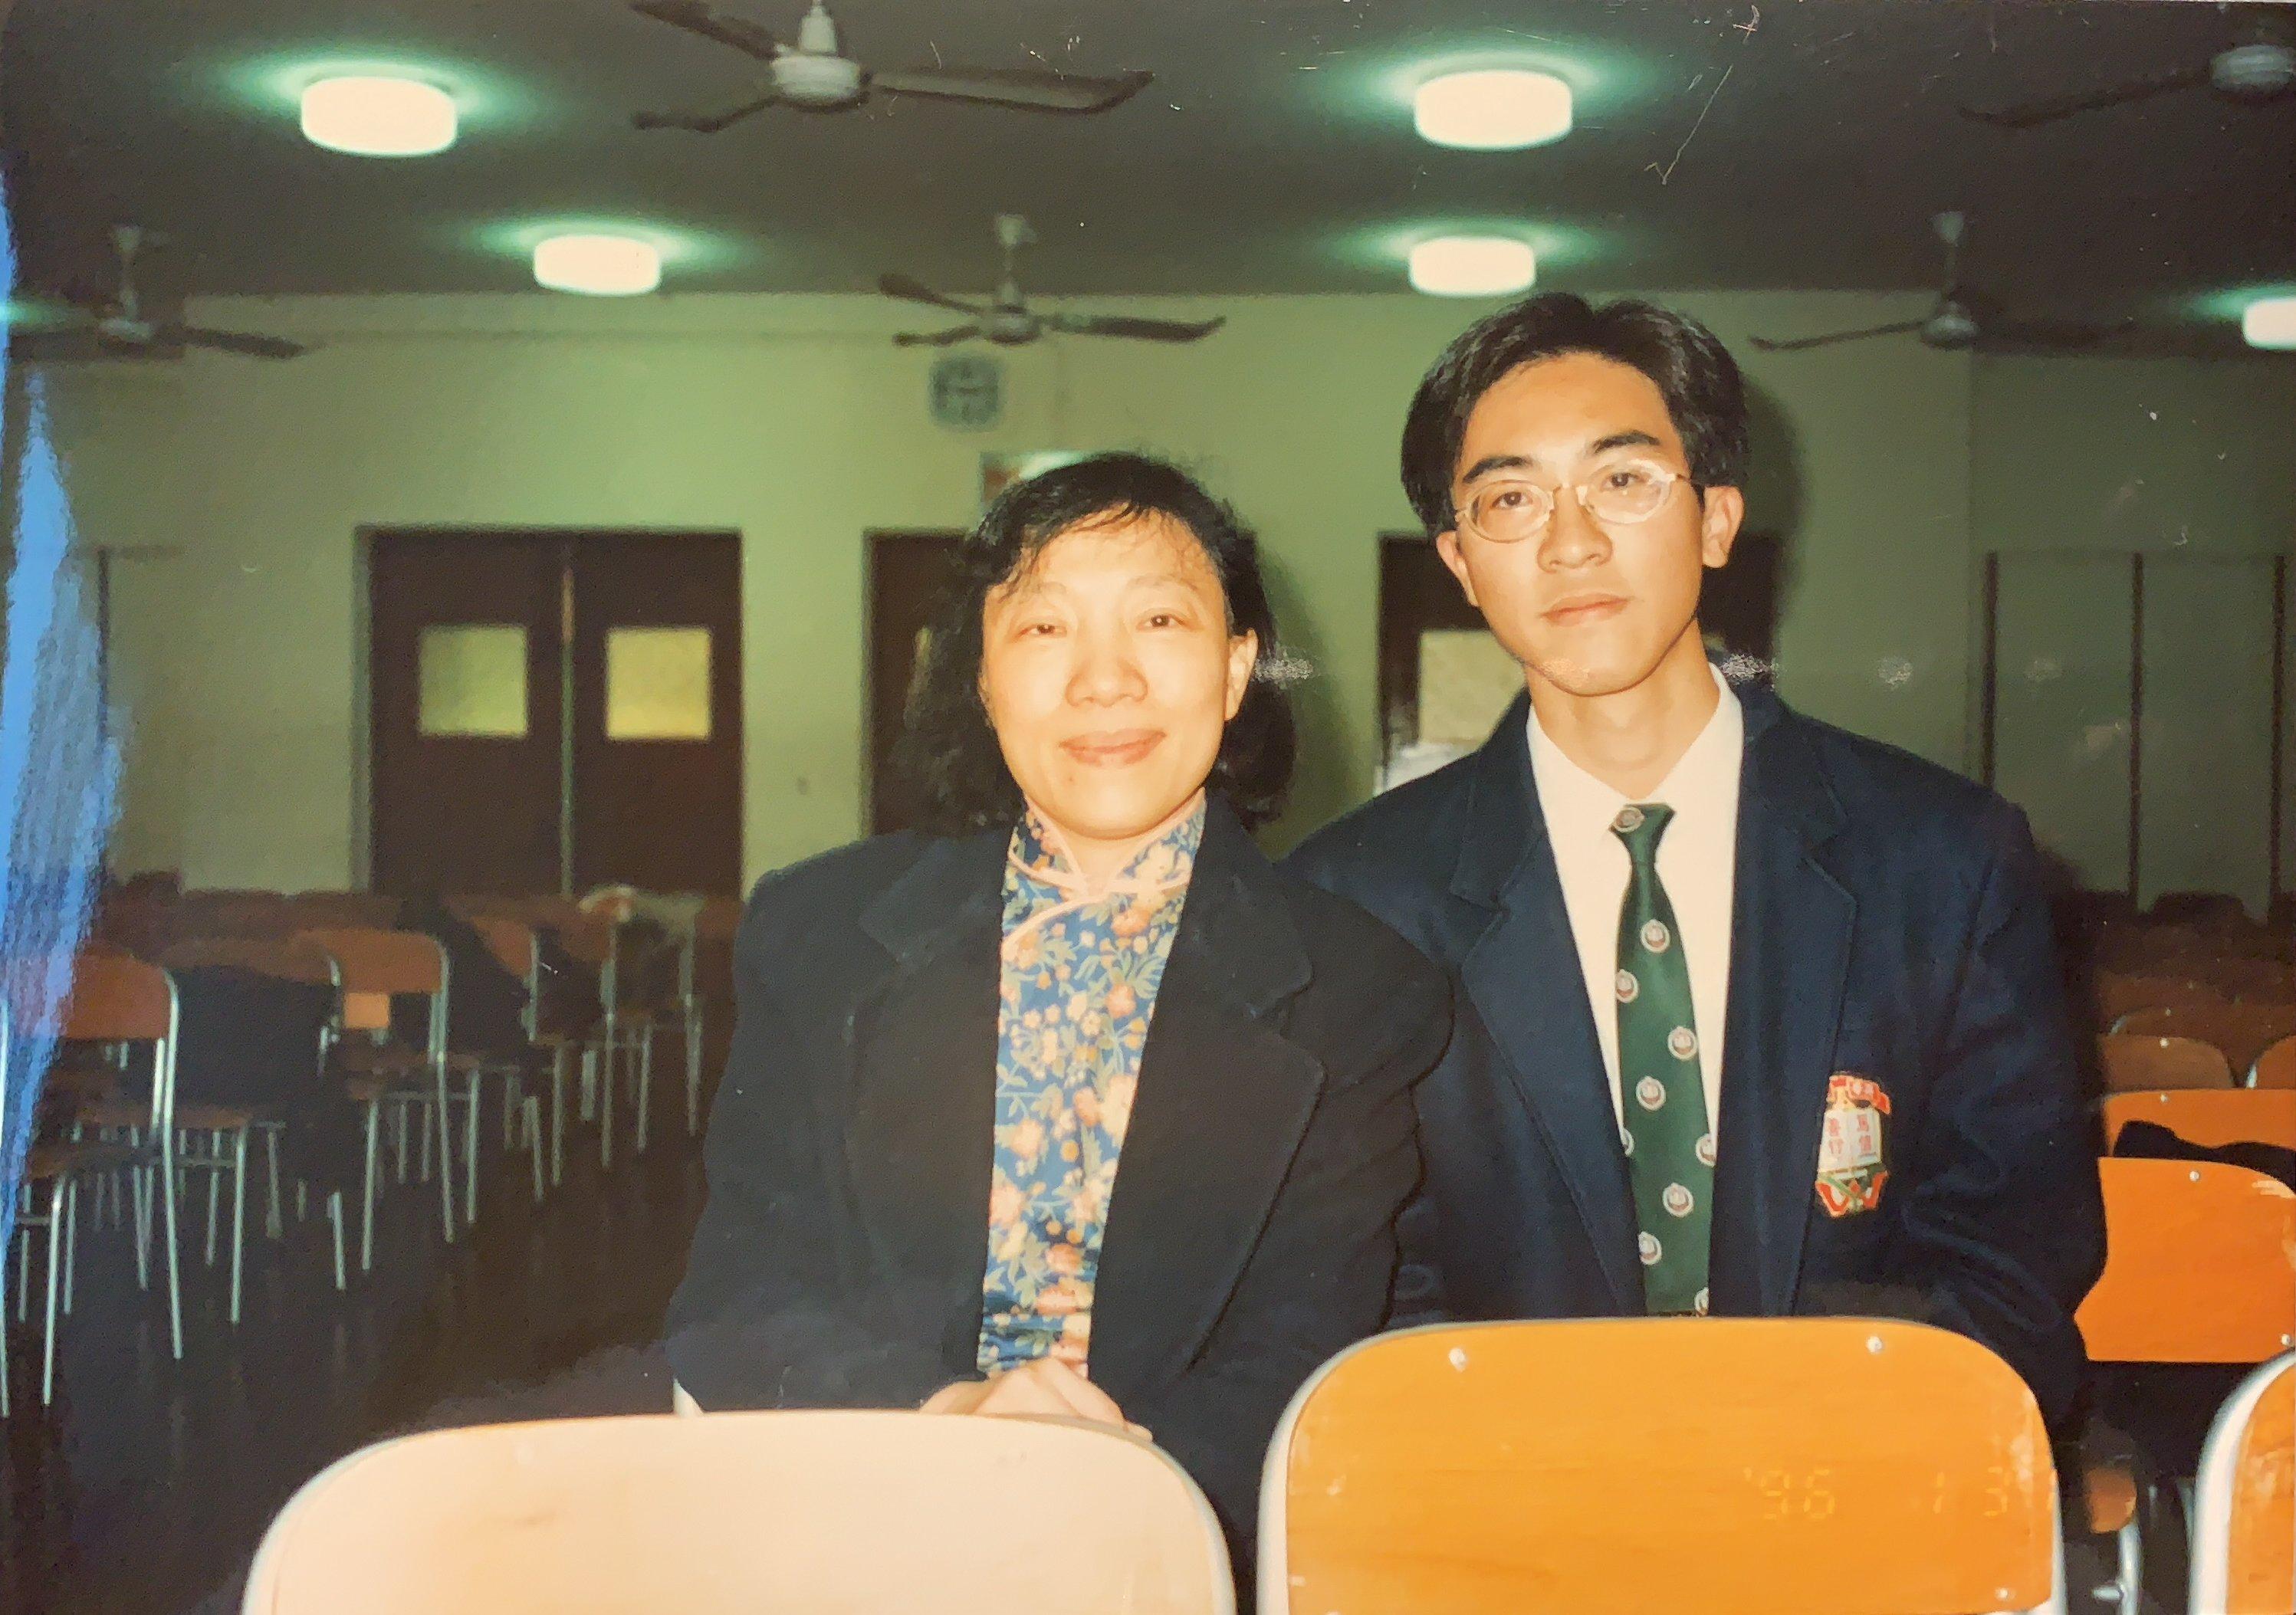 鄭佩華老師當年是學生報《火炬》的首席顧問老師,也是徐緣的中文科恩師。(受訪者提供)